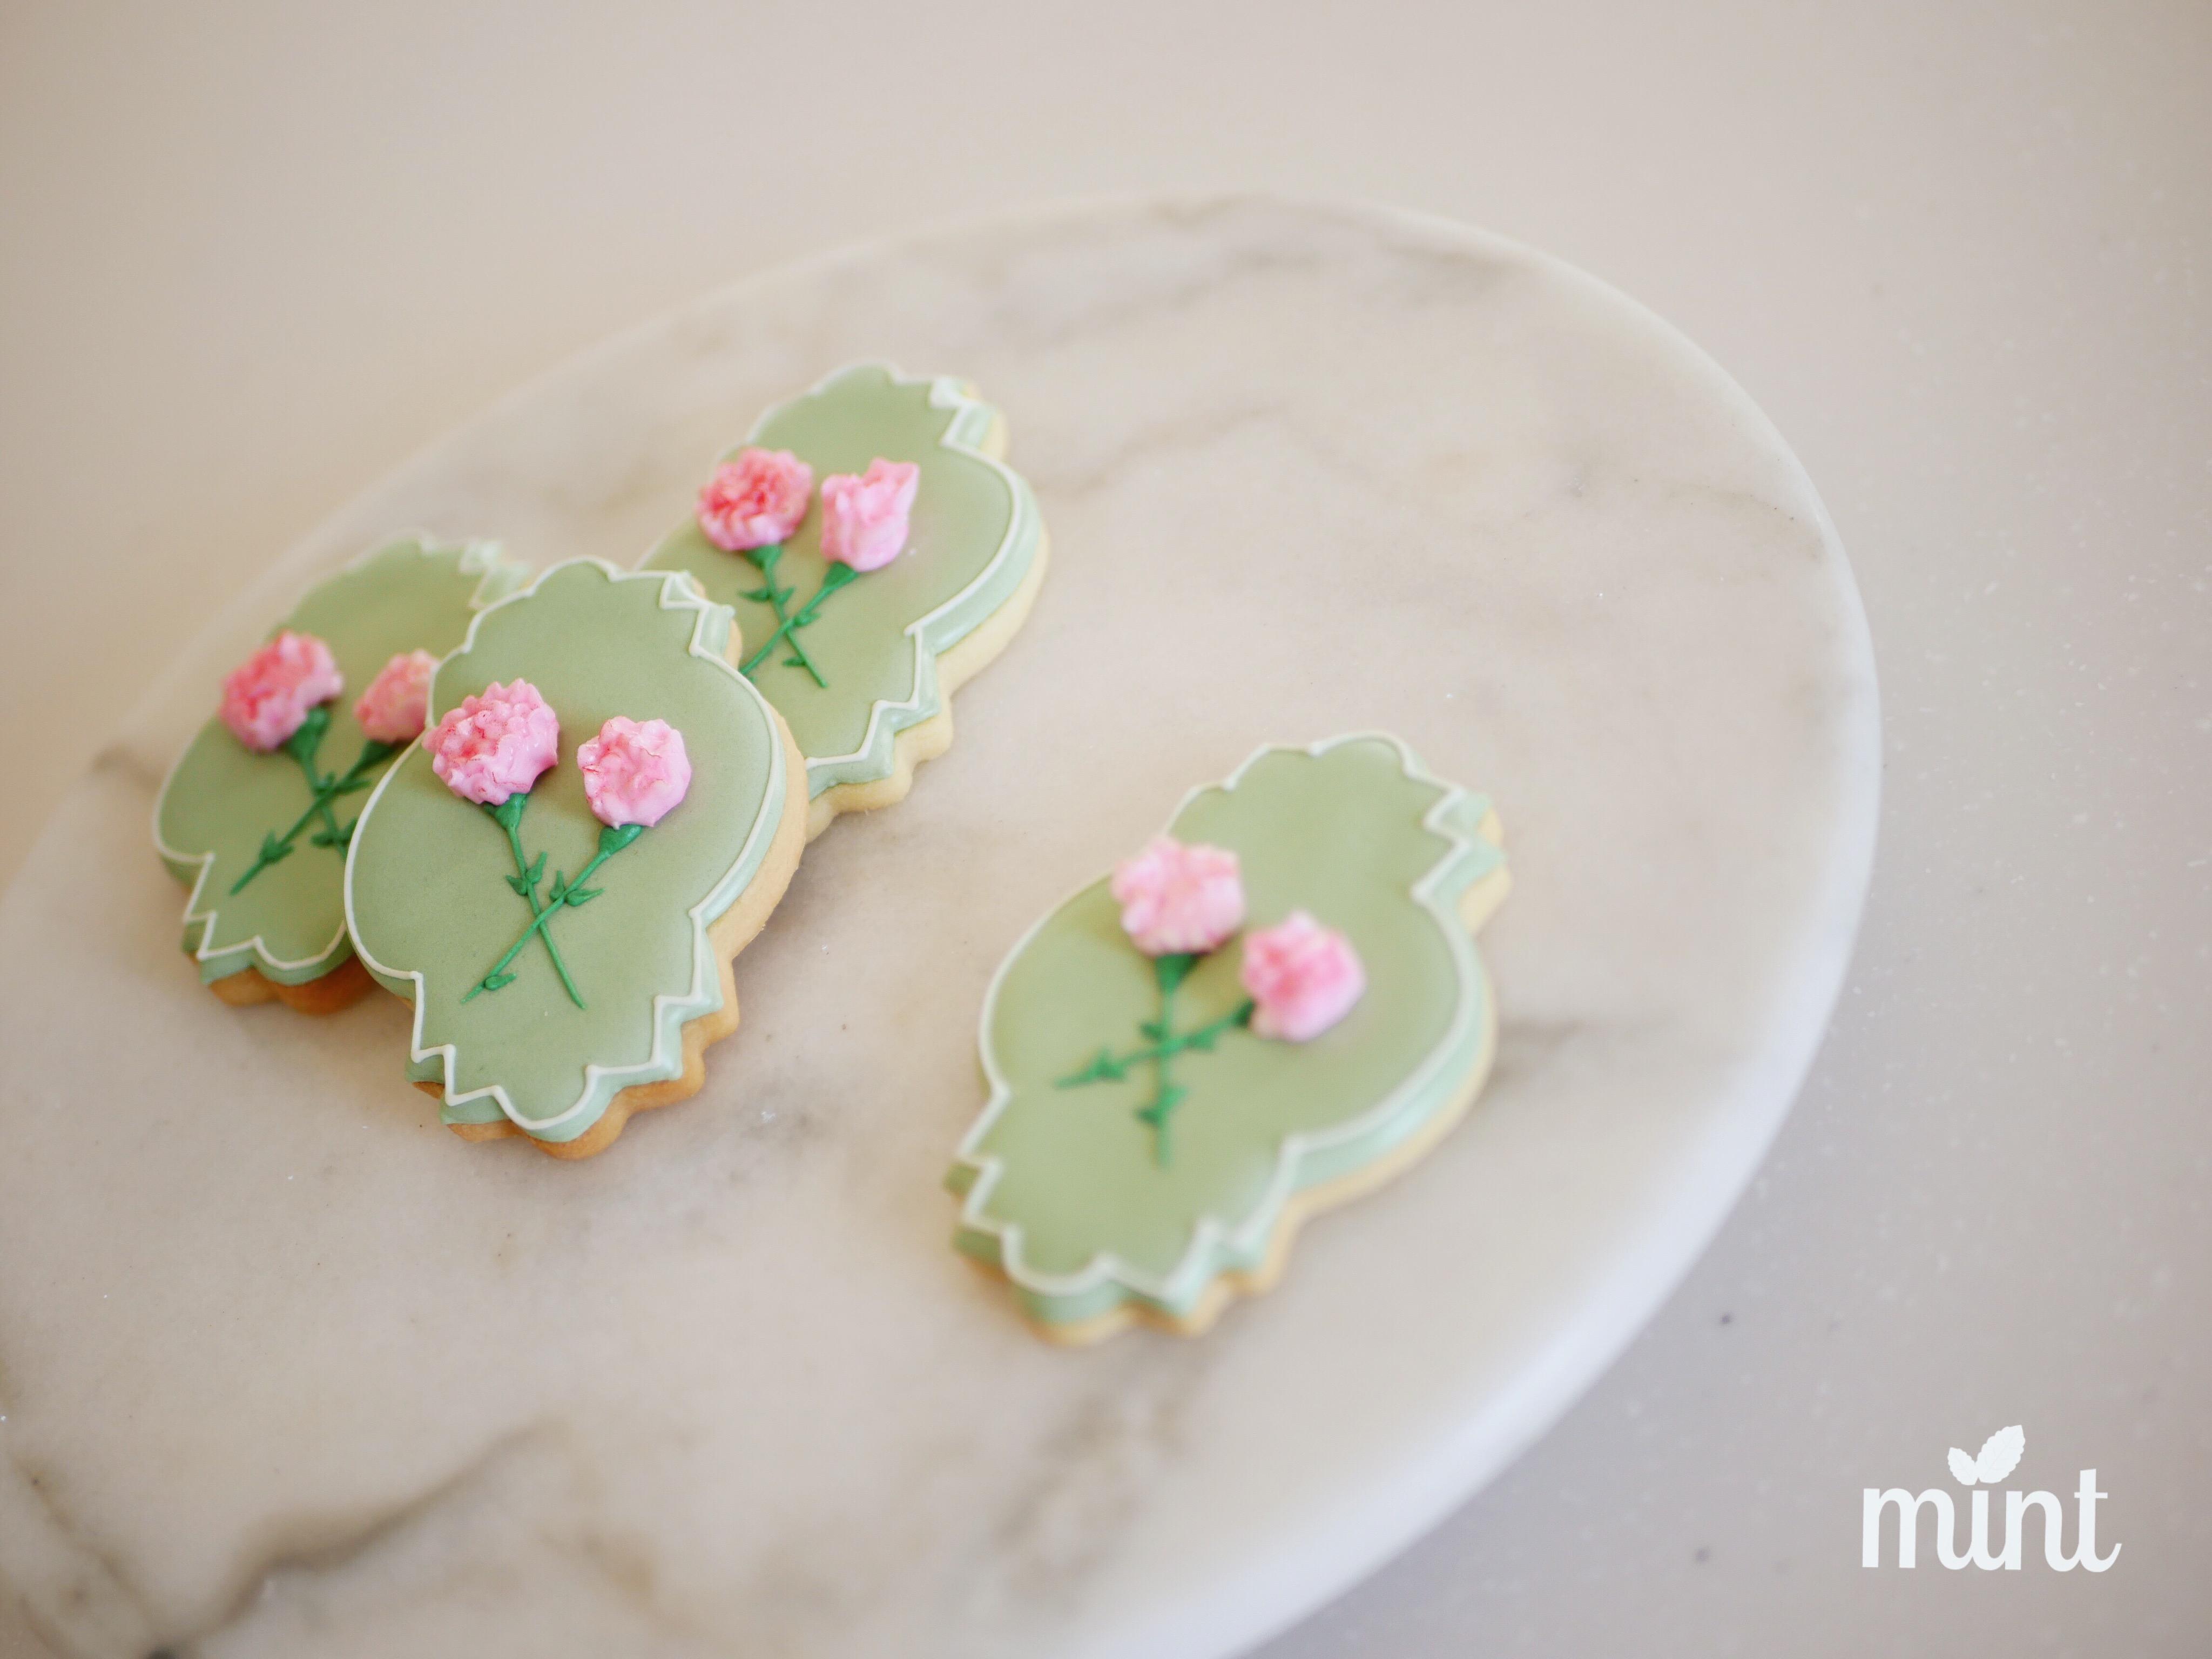 【販売予定】母の日アイシングクッキーギフトセット